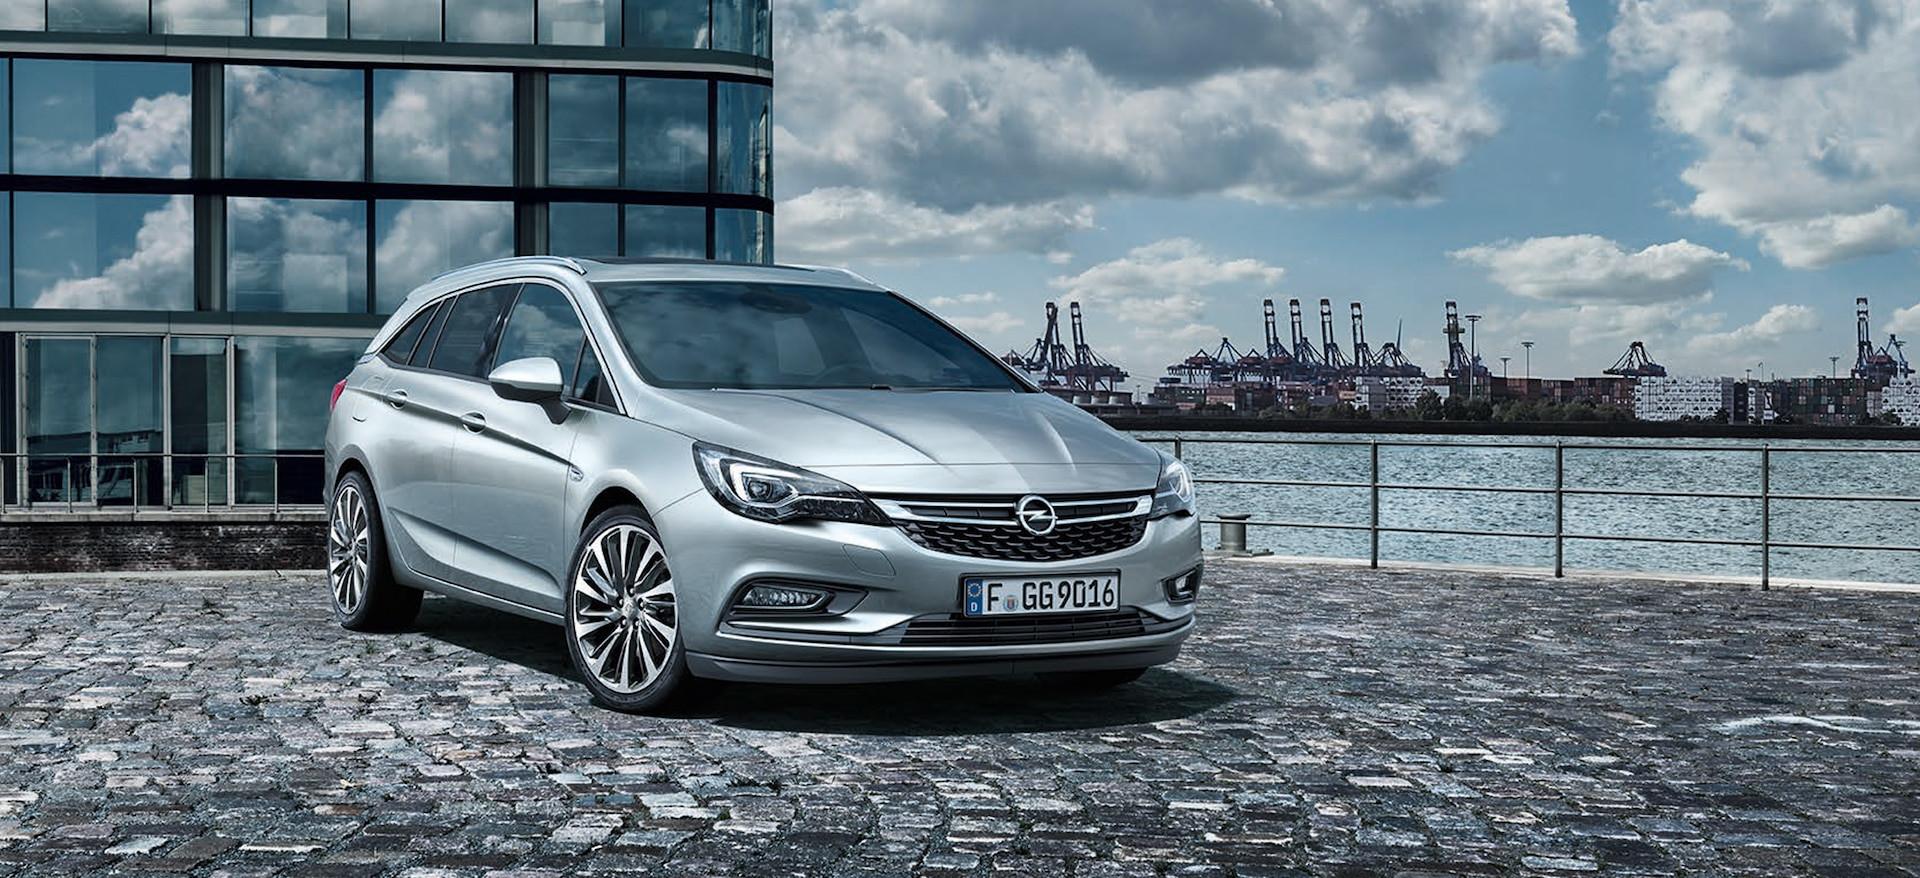 Opel_Astra_21x9_asst16_e01_346.jpg